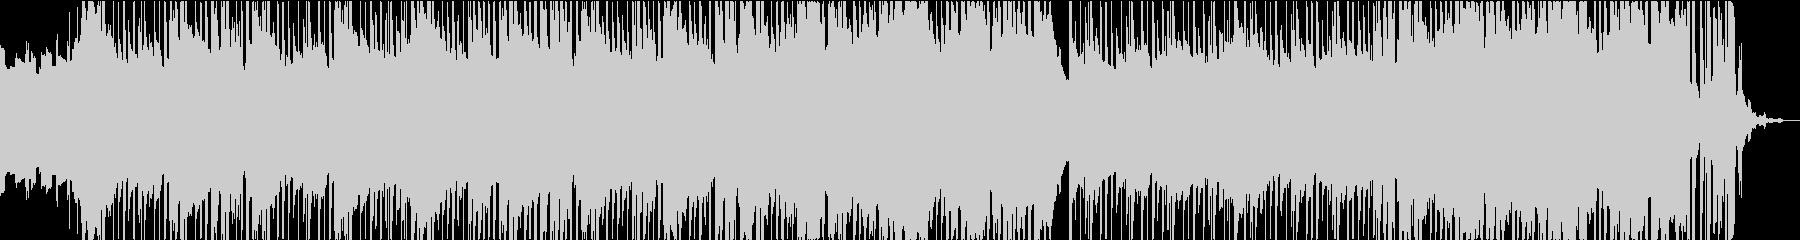 電気研究所Technology-h...の未再生の波形